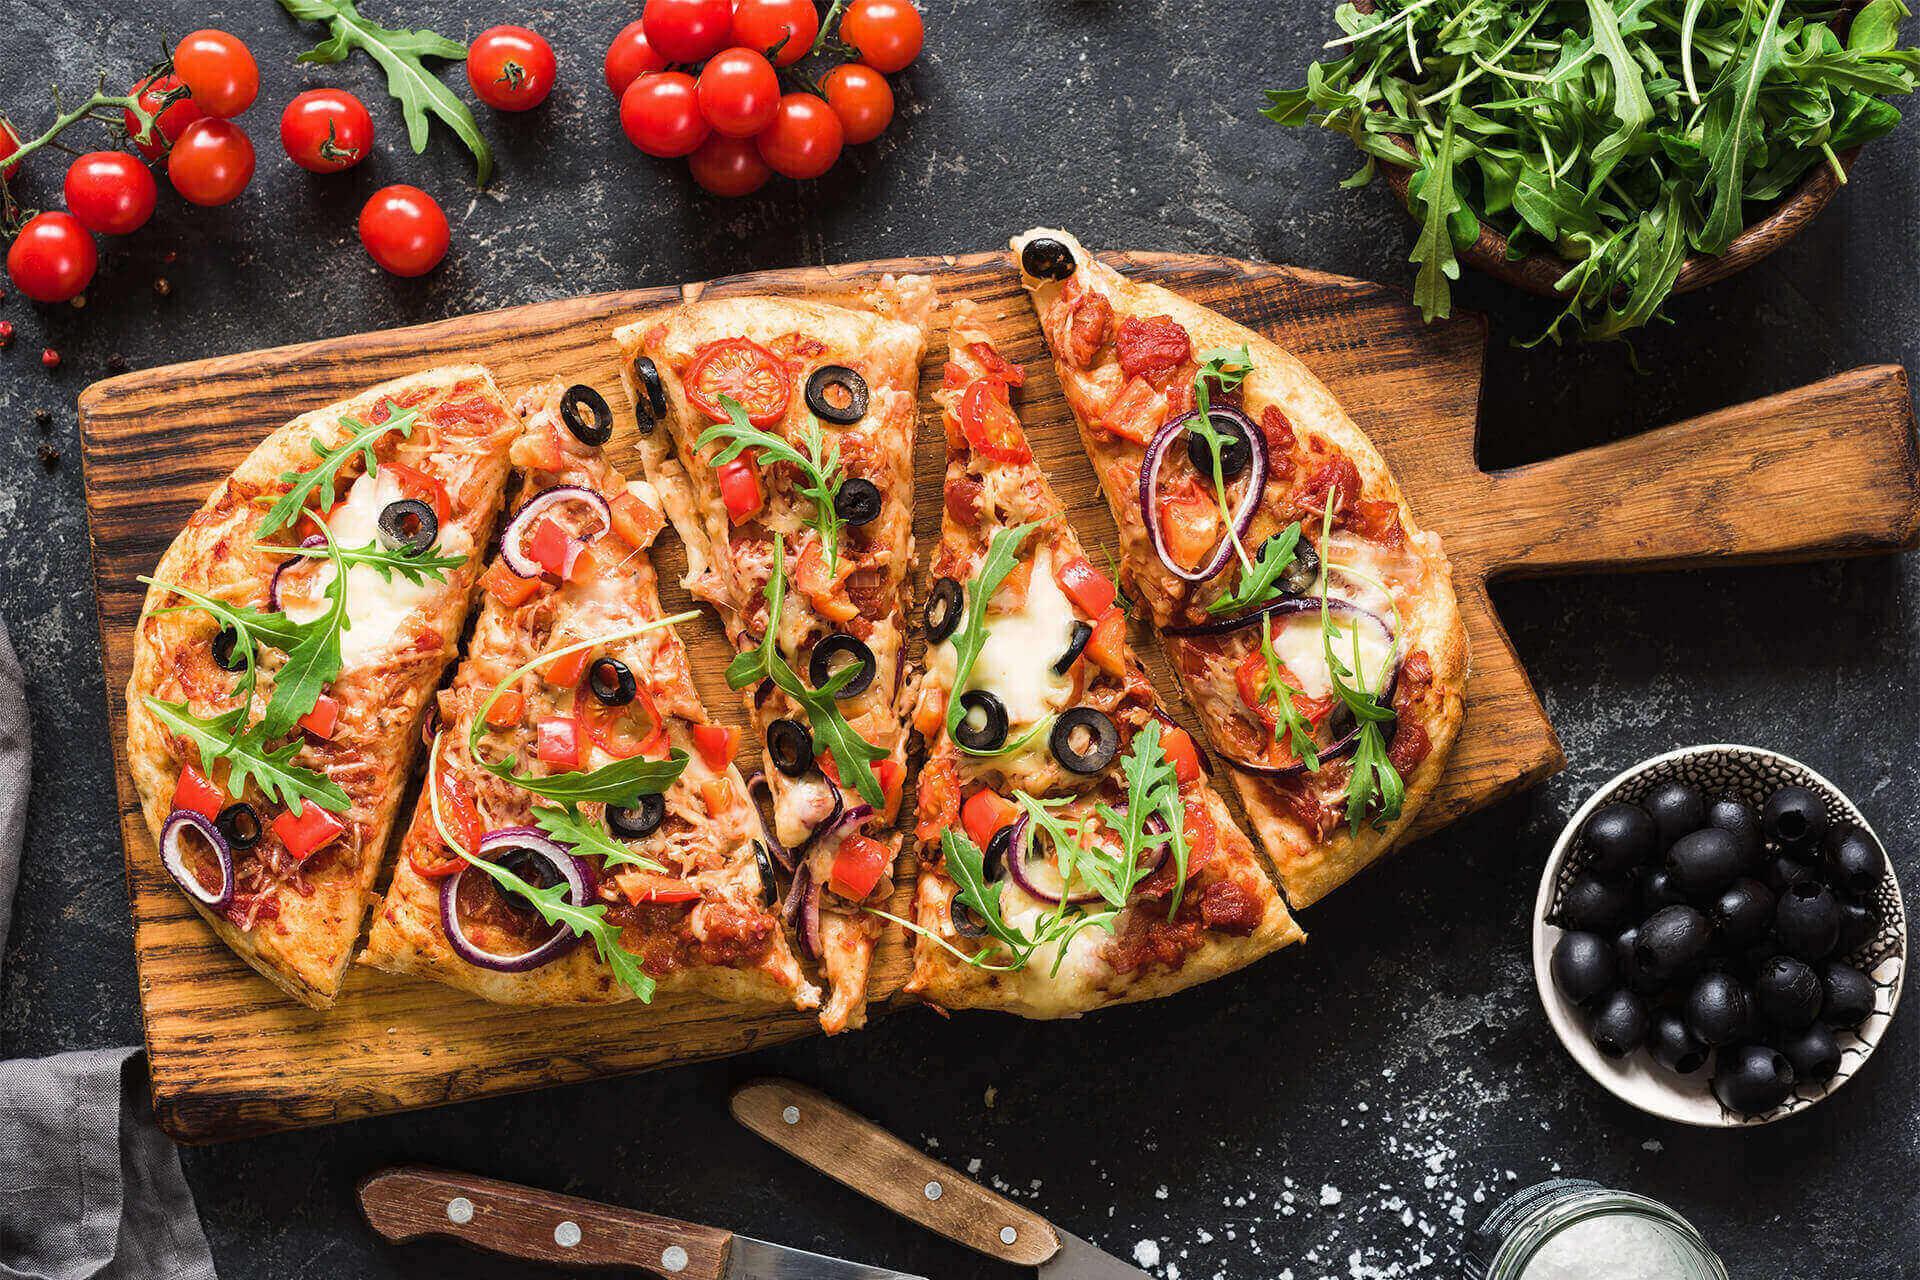 Our lunch menu consists of soups, salads, sandwiches, wraps & pizzas.